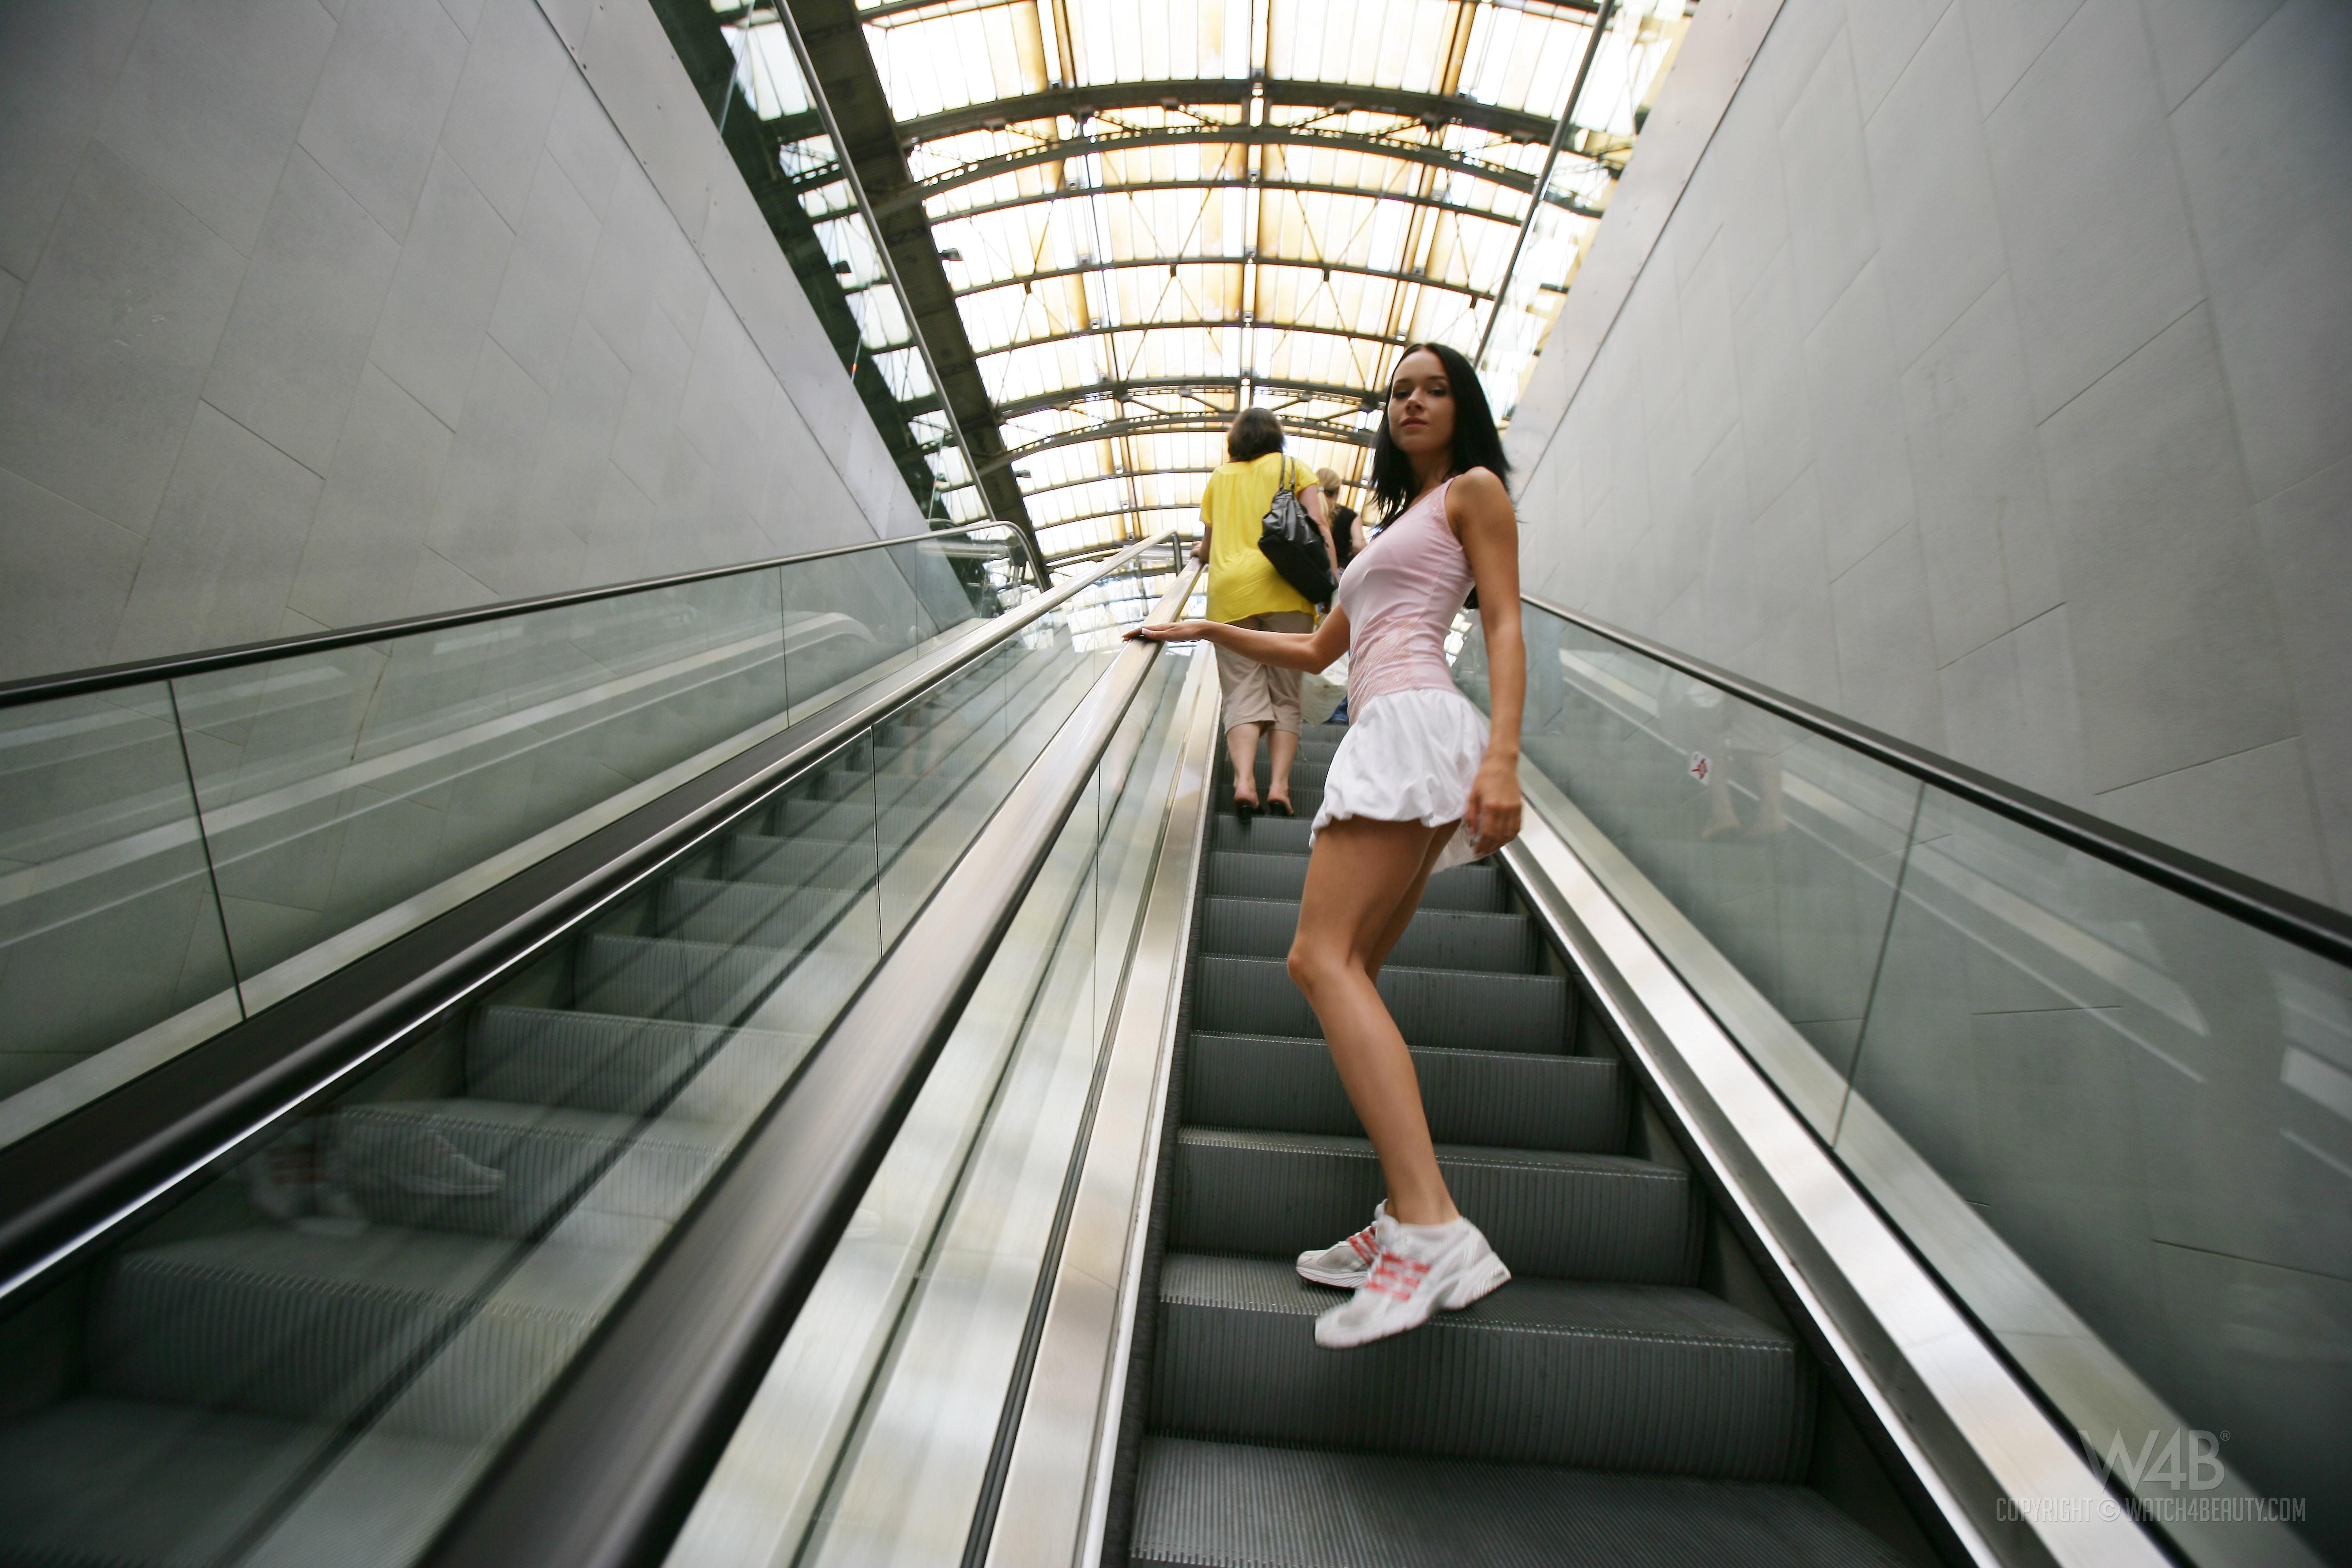 У парня встал в метро 19 фотография